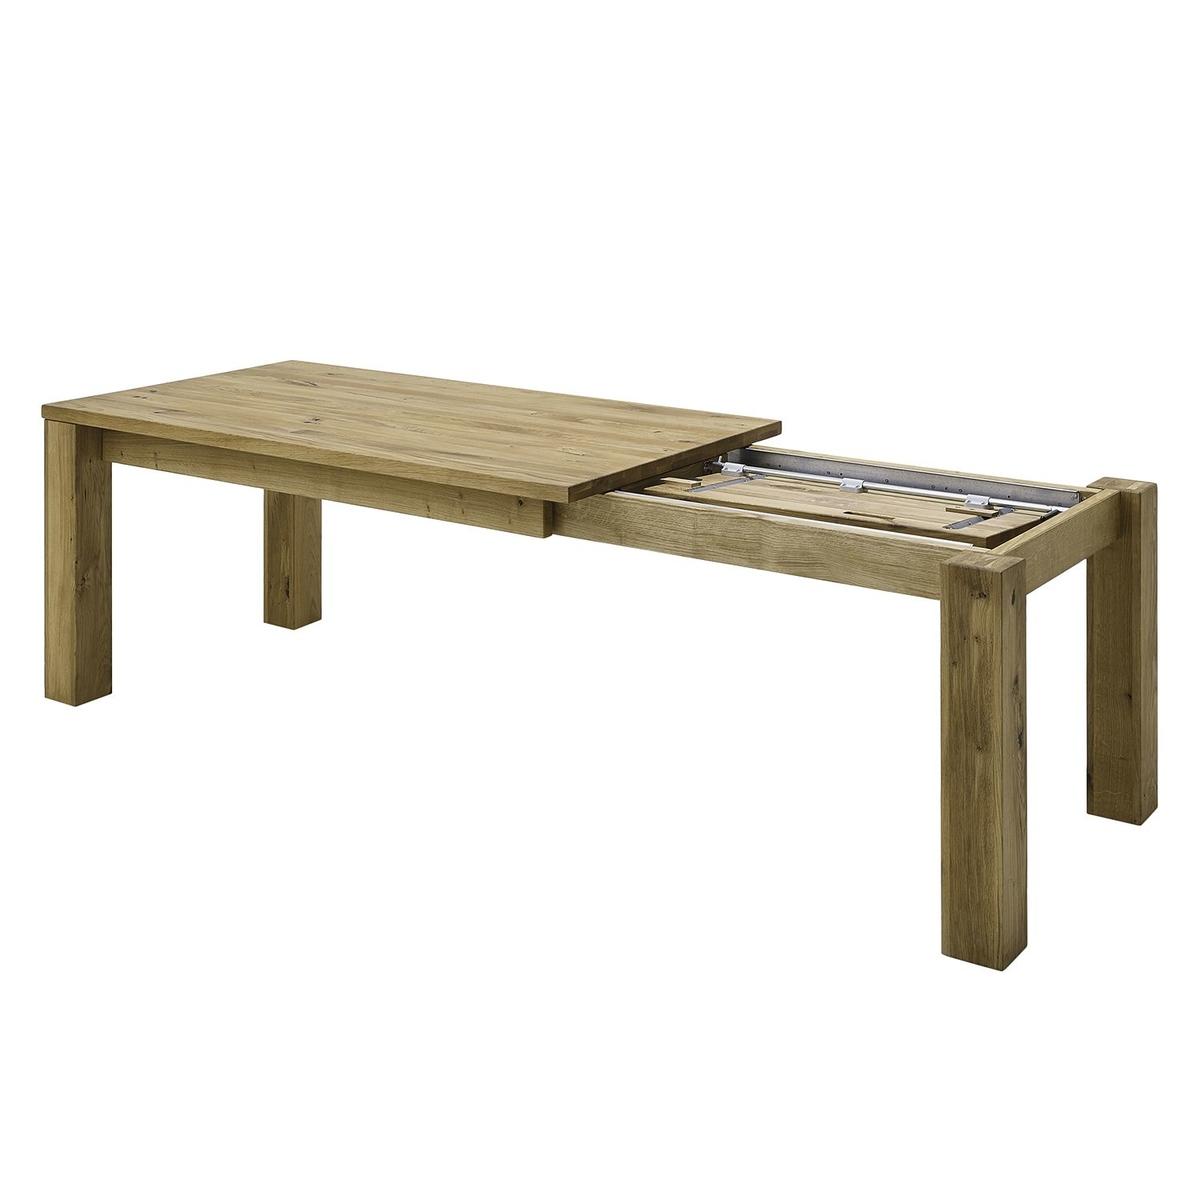 Esstisch mit Gestellauszug Lissy aus Massivholz, Bild 8